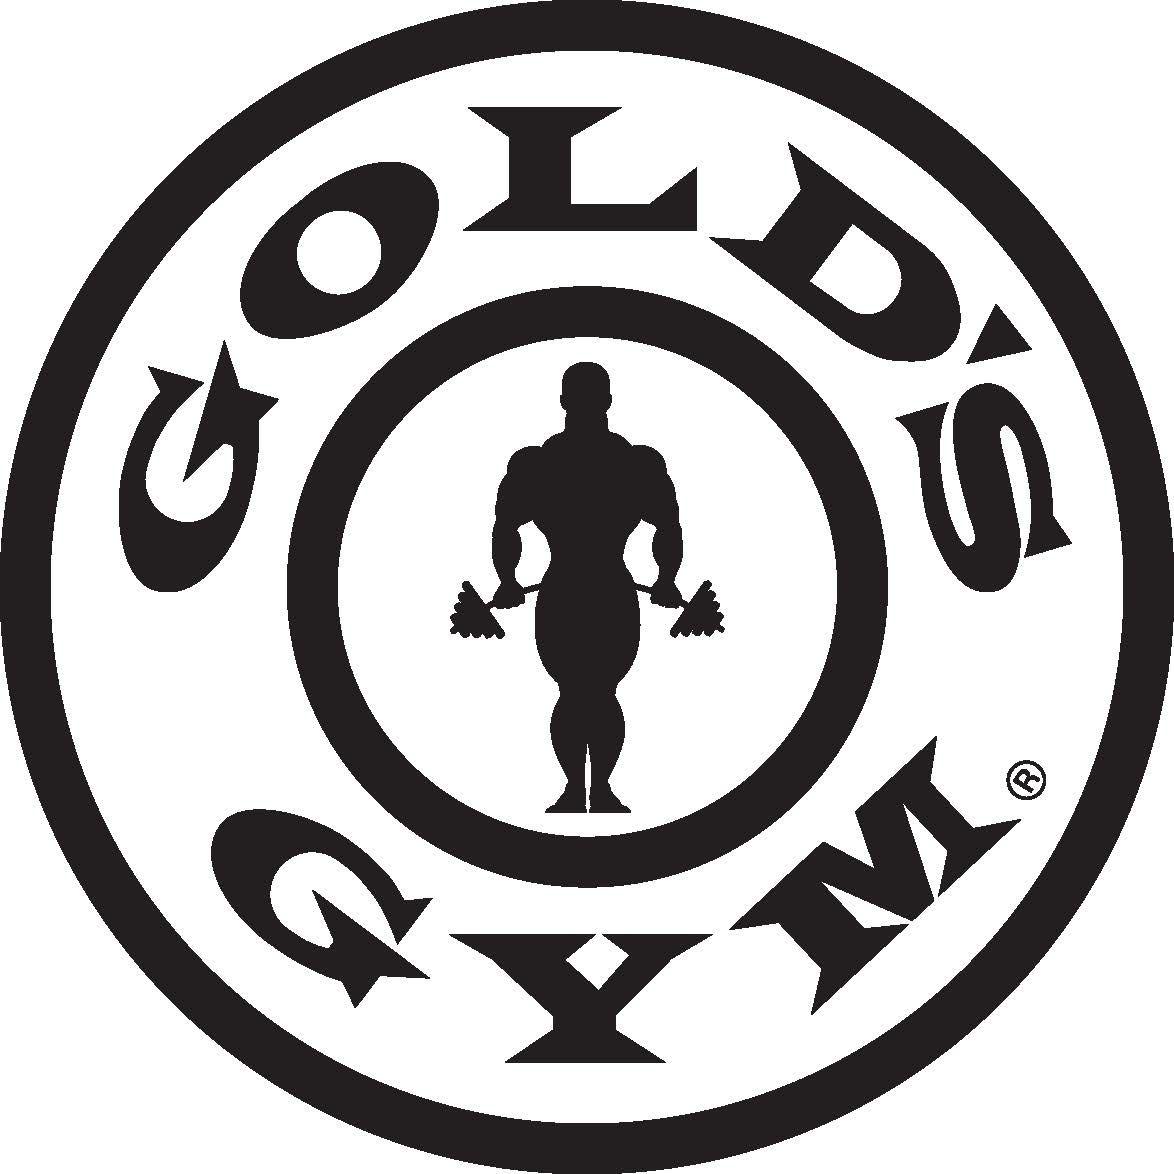 No_fill_Golds_Gym_logo_black